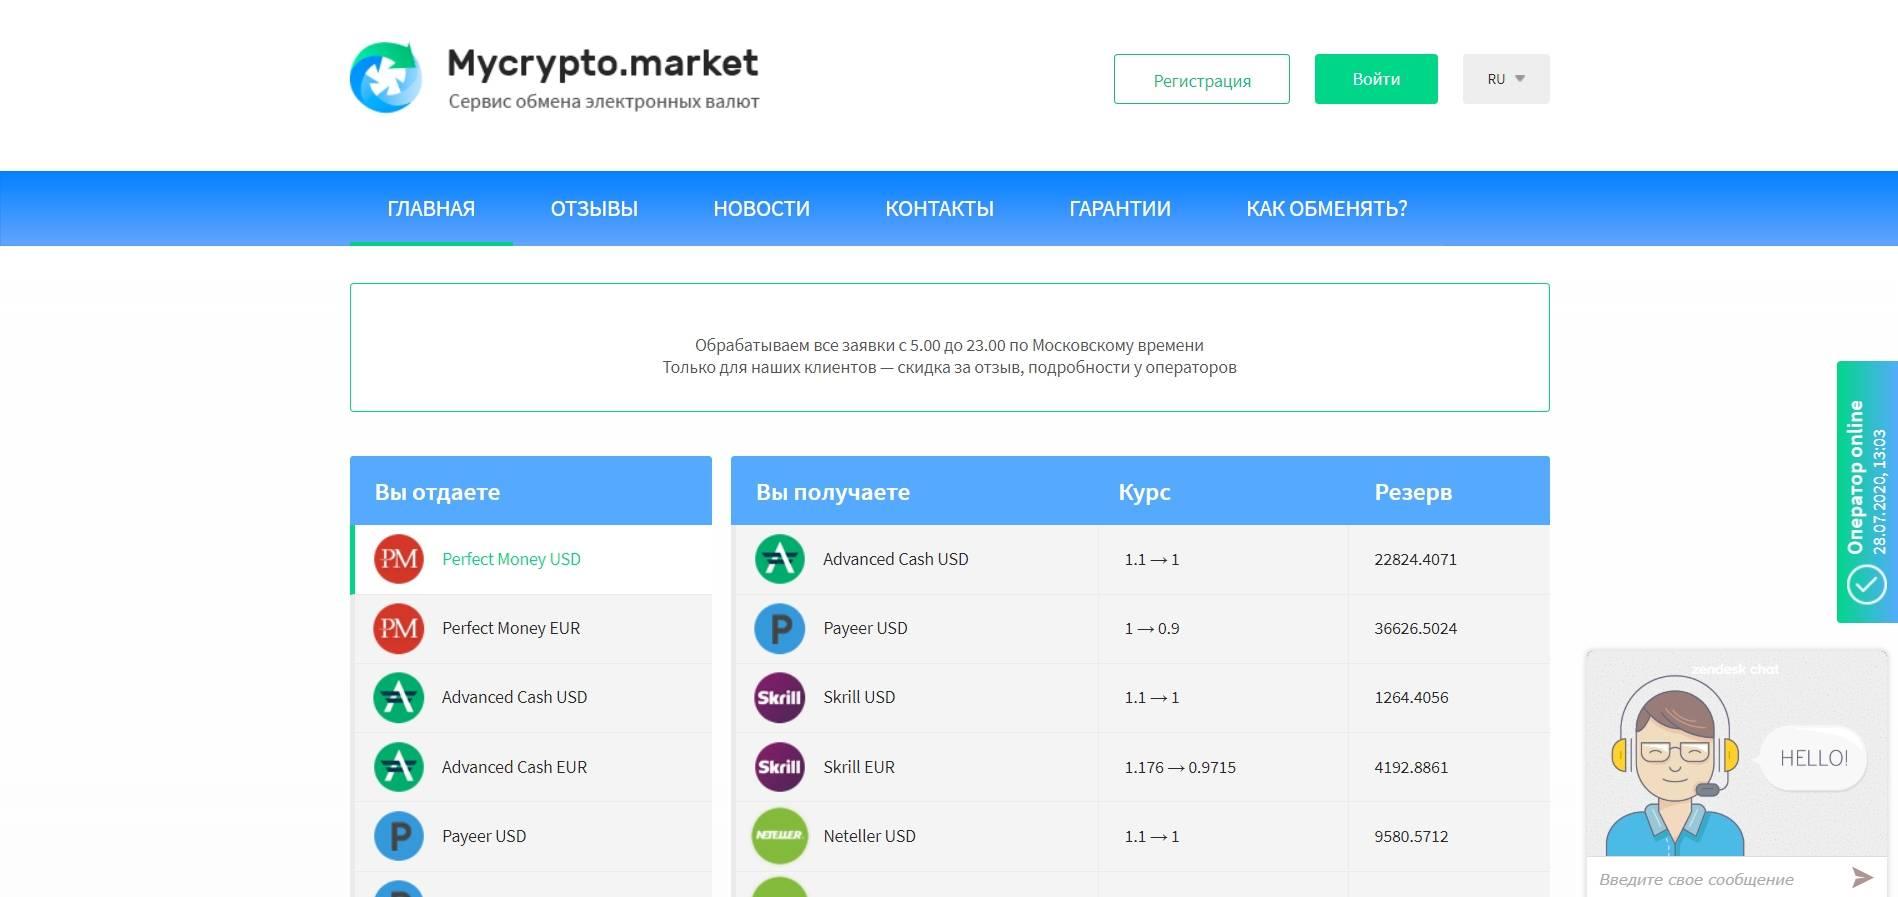 Mycrypto.market